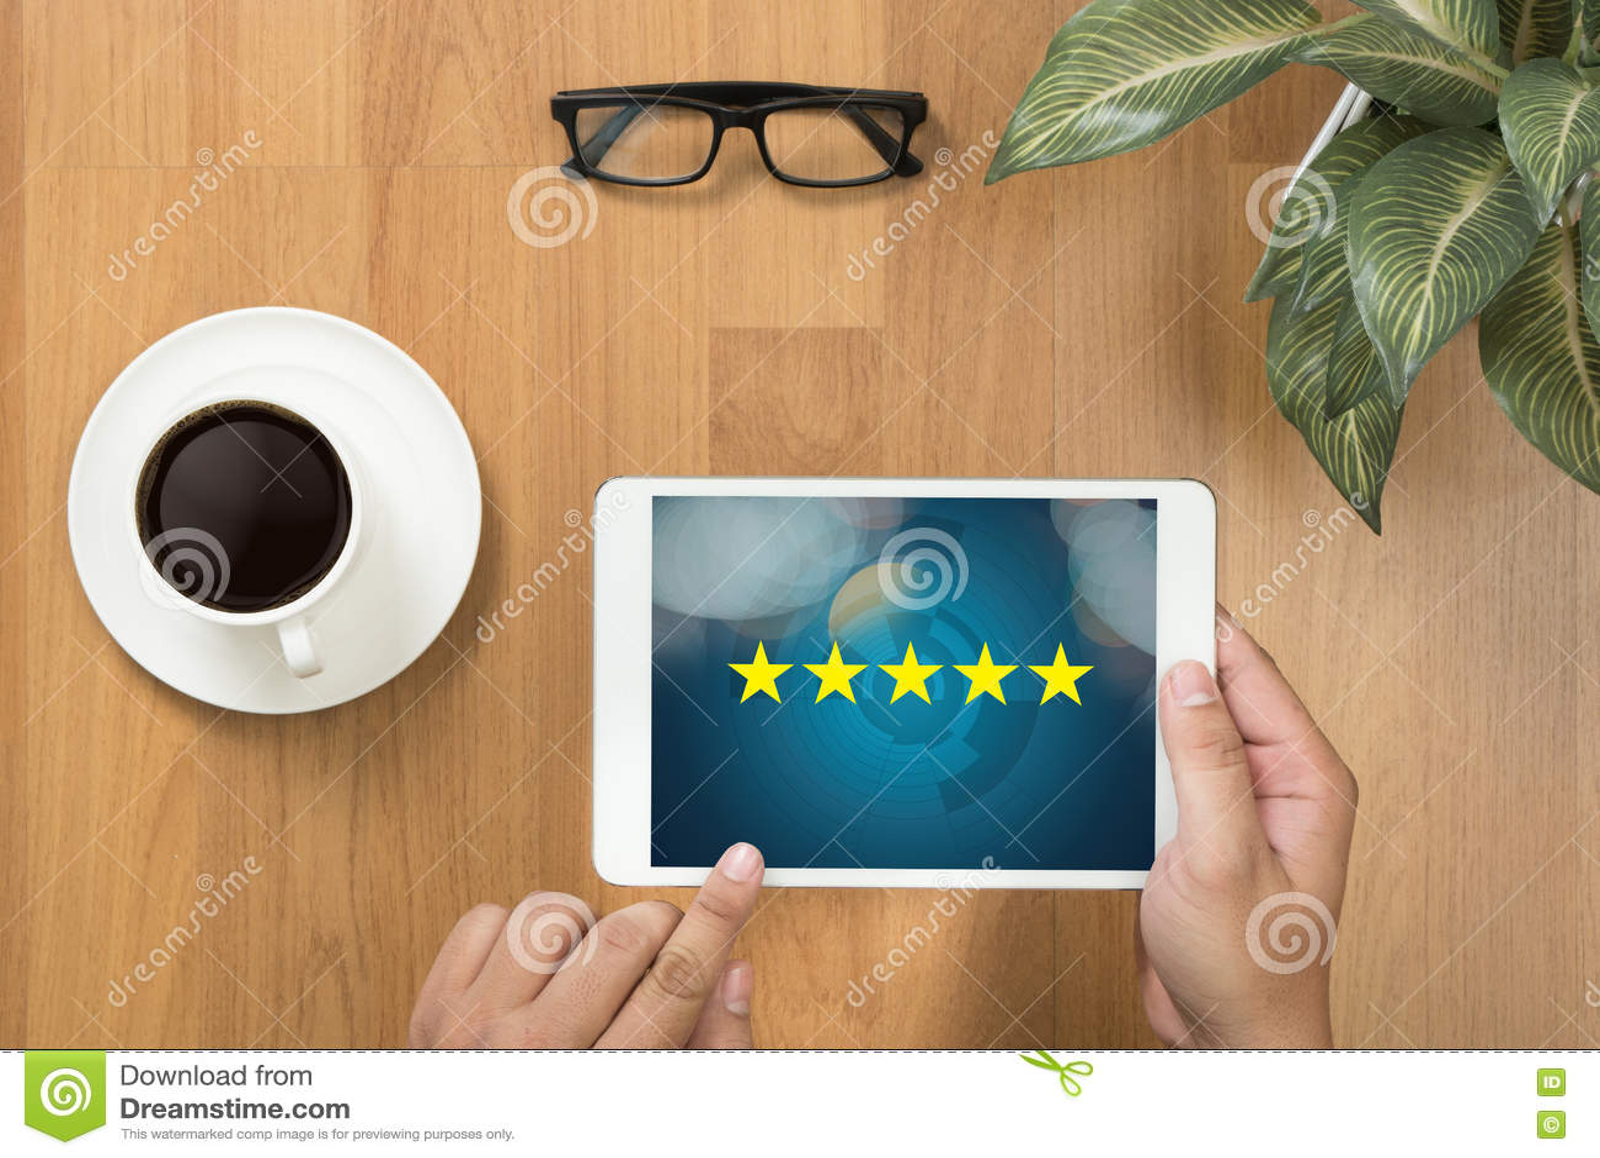 Geschäftsmann, der die Bewertung mit fünf Sternen, Bericht, Zunahmebewertung hält oder